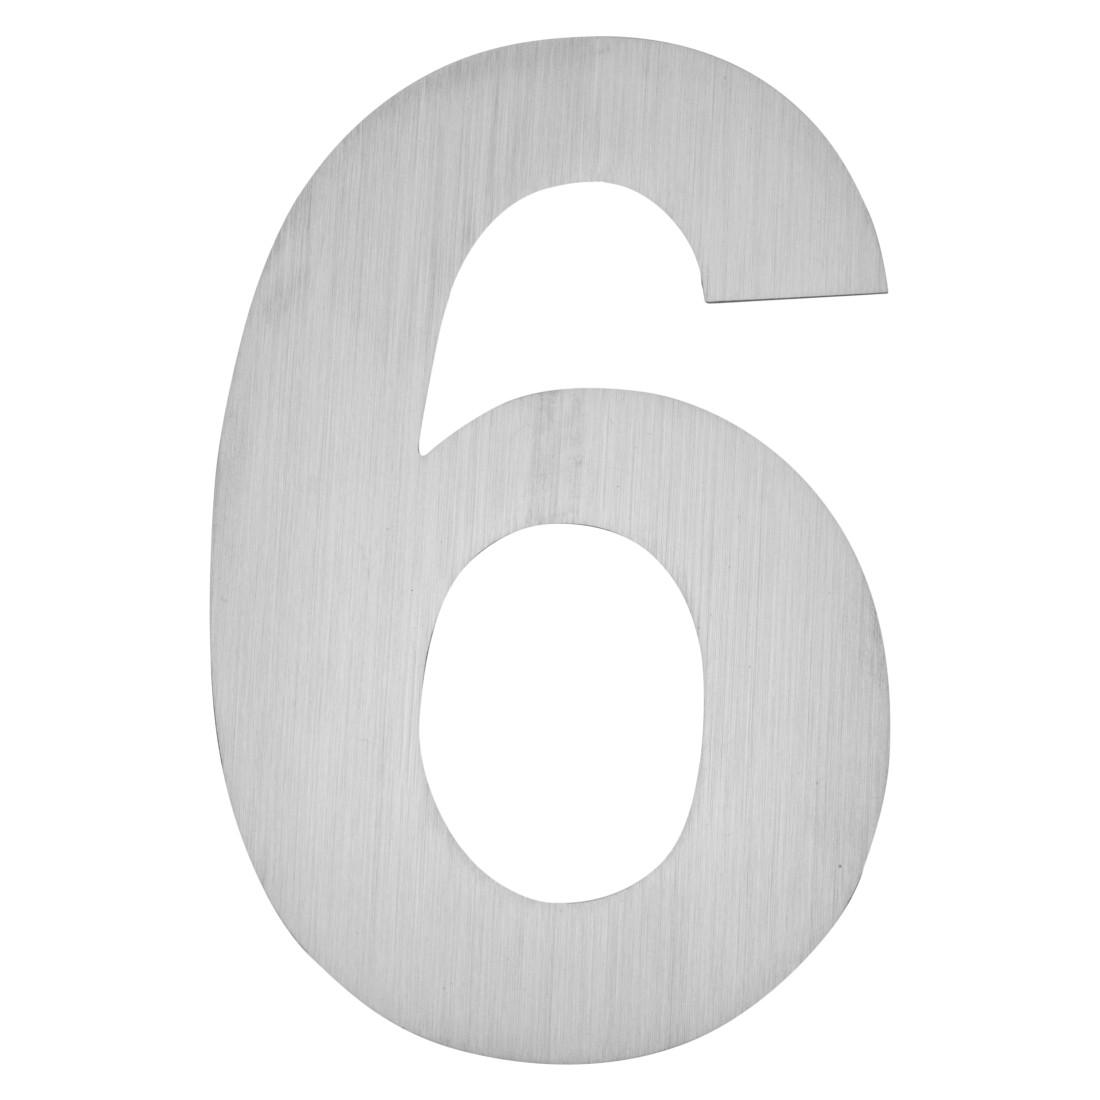 Hausnummer zum Aufkleben 6 - Matt Gebürstet Edelstahl Matt Gebürstet Silber, Serafini